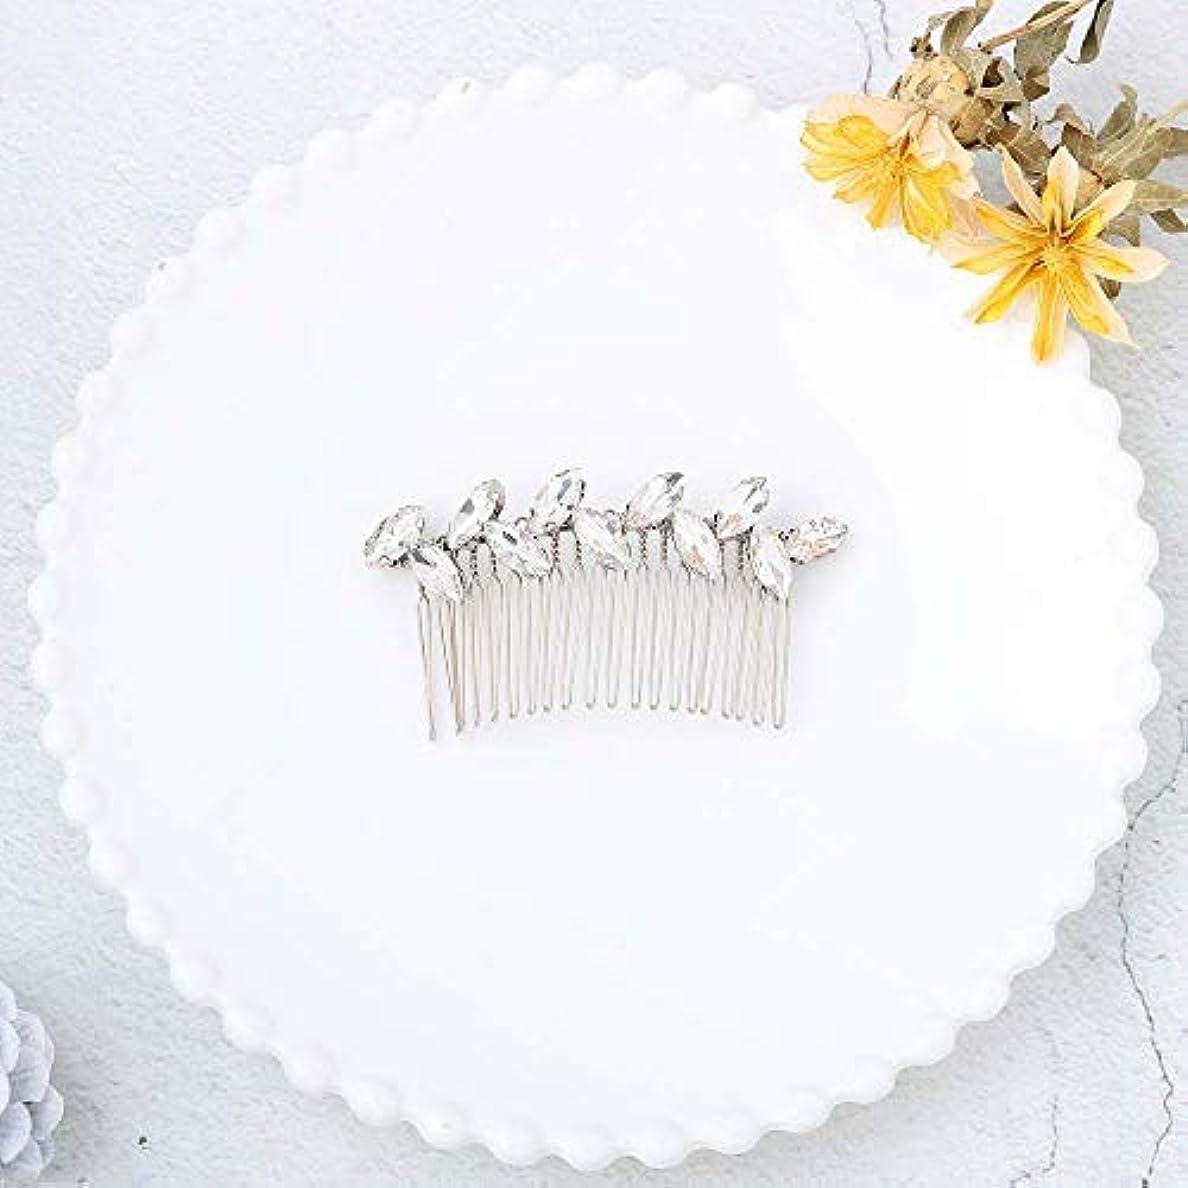 マイナー自由機械的Jovono Bride Wedding Hair Comb Bridal Headpieces with White Rhinestone for Women and Girls (Silver) [並行輸入品]